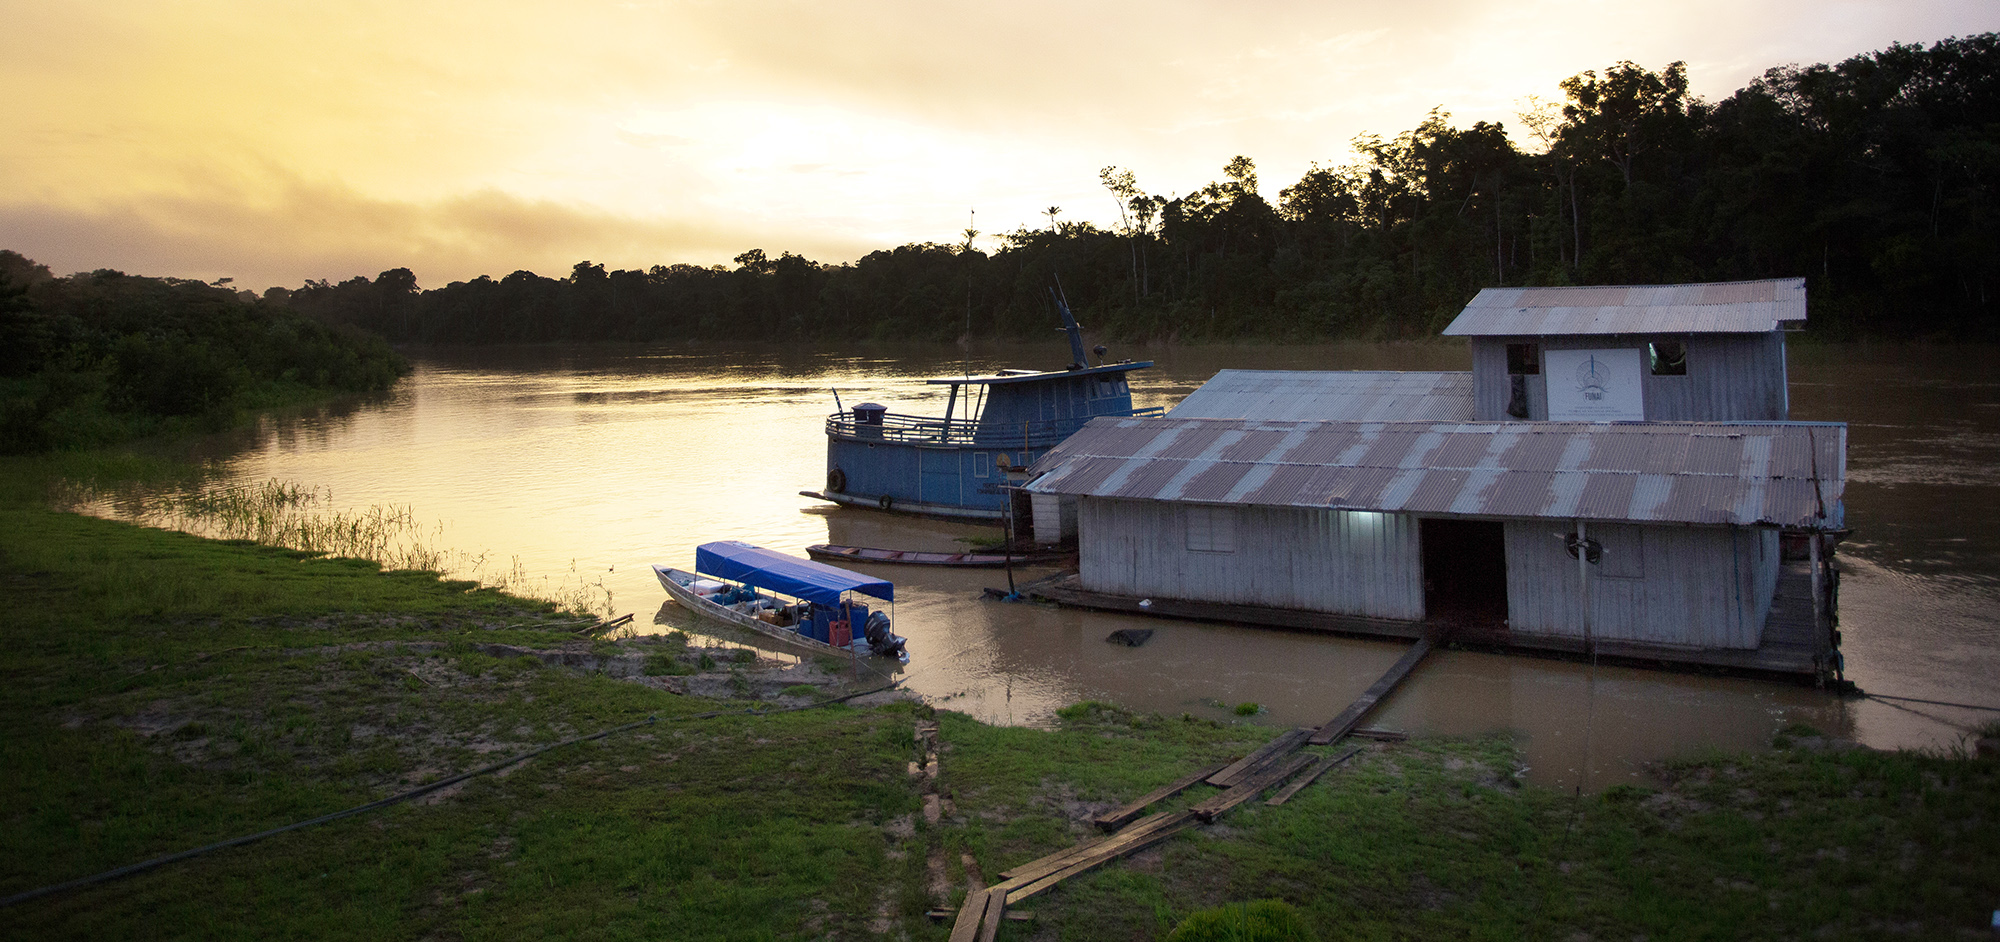 Indígenas e sertanista cobram investigações de ataque à base da Funai no Vale do Javari